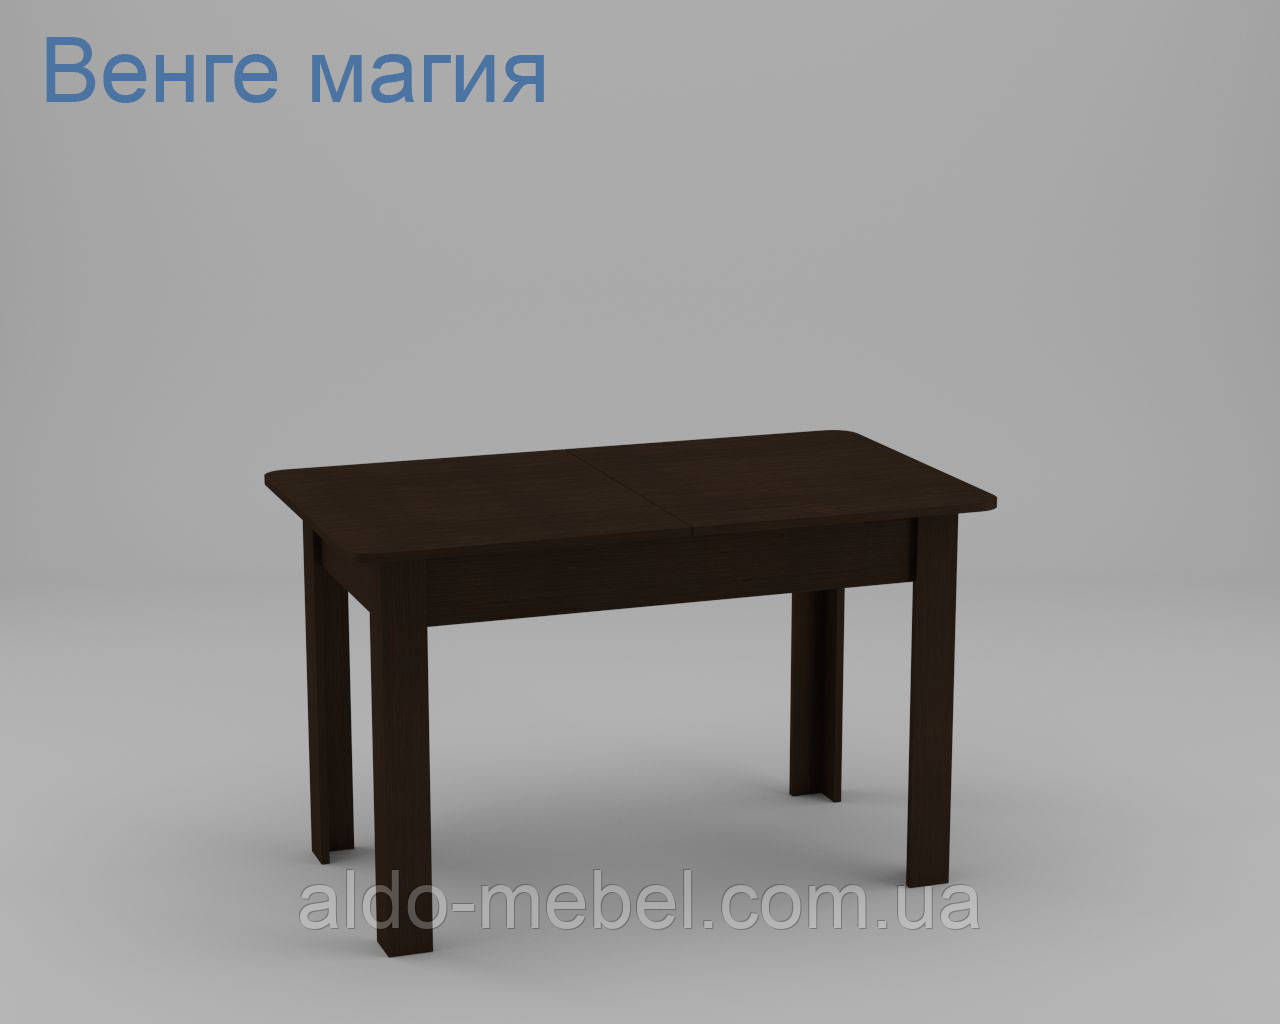 Стол кухонный КС - 5 Раскладной Габариты Ш - 700 мм; В - 736 мм; Г - 1200 мм (Общая Ш - 1640 мм) (Компанит)